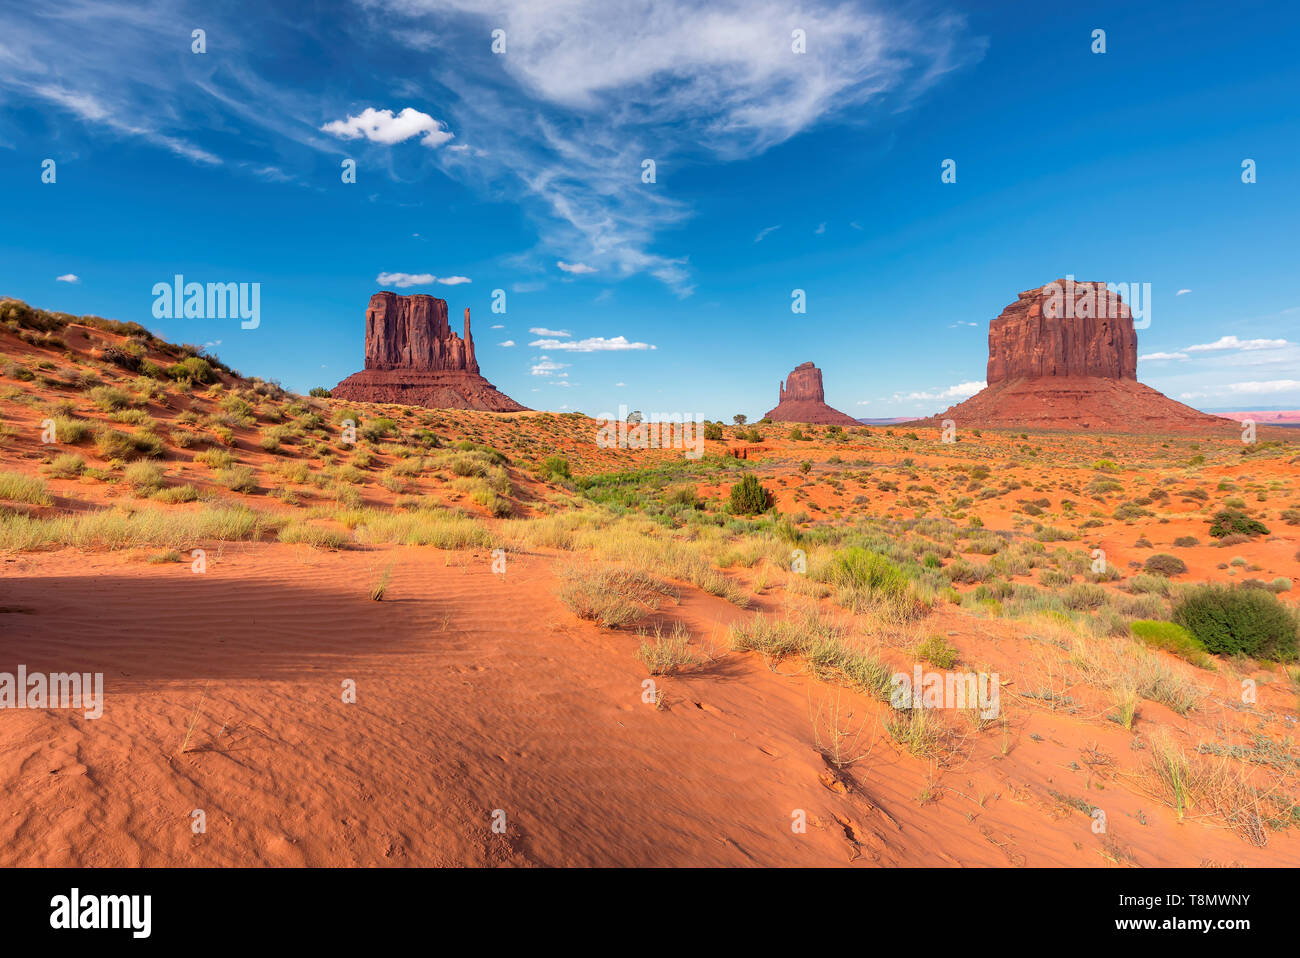 Sanddünen der Wüste im Monument Valley in Arizona, USA. Stockfoto